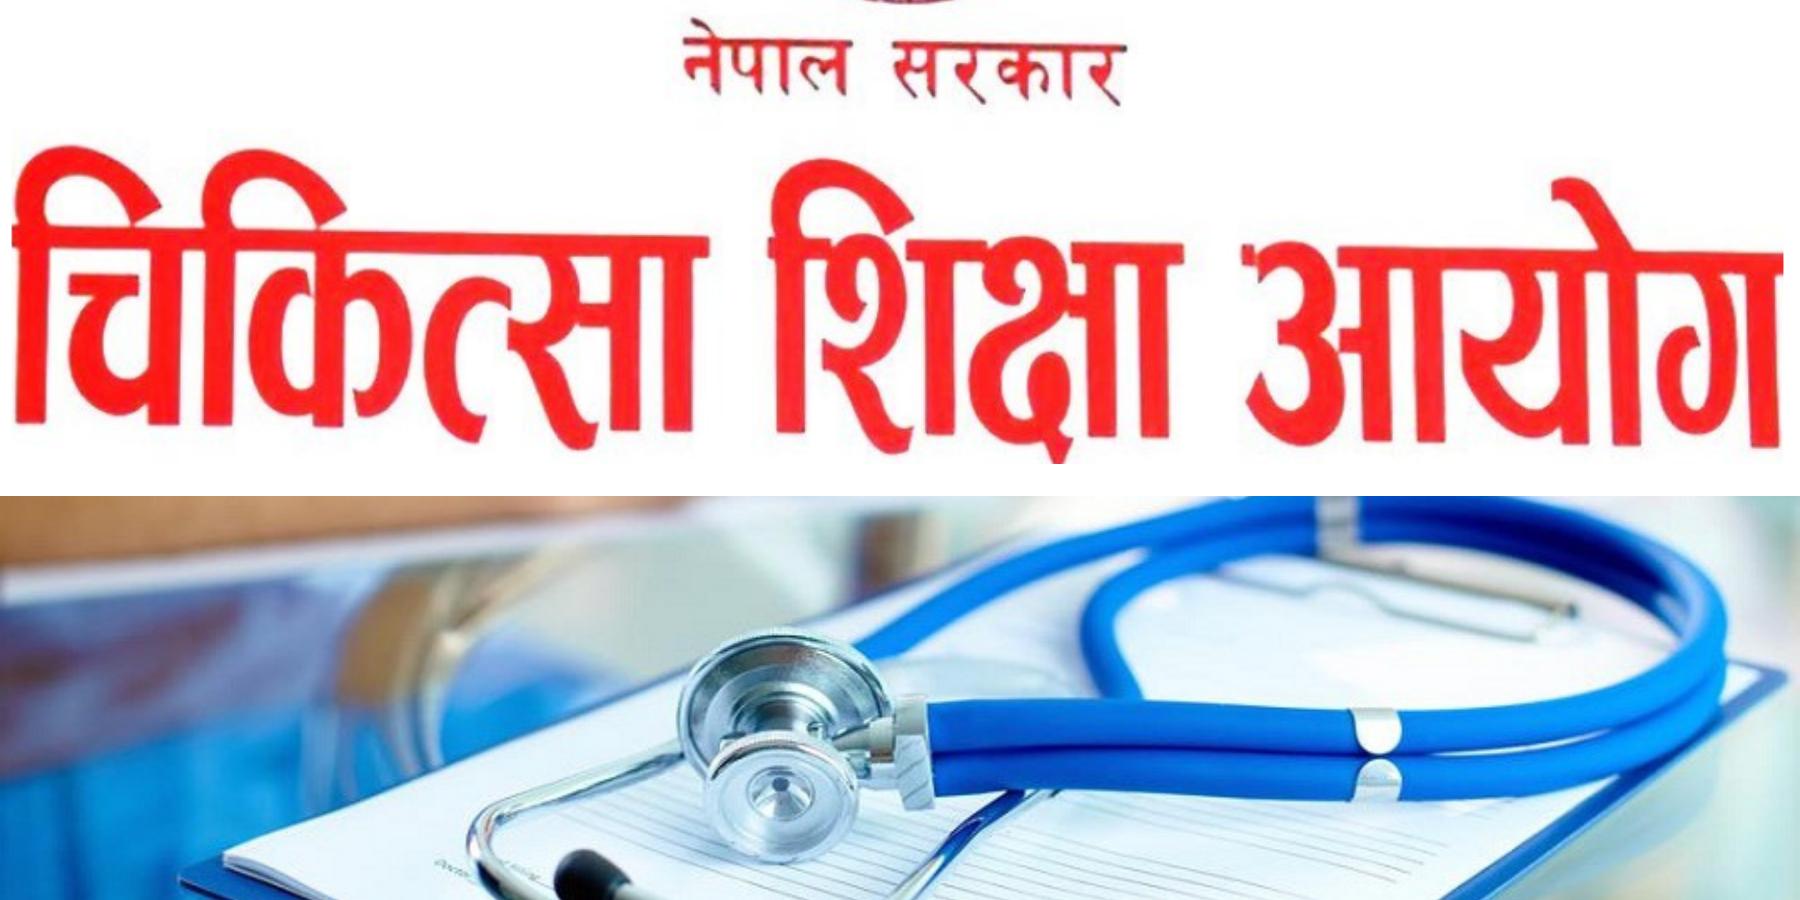 स्नातकोत्तर तहको शुल्क चिकित्सा शिक्षा आयोगद्धारा तोकियो